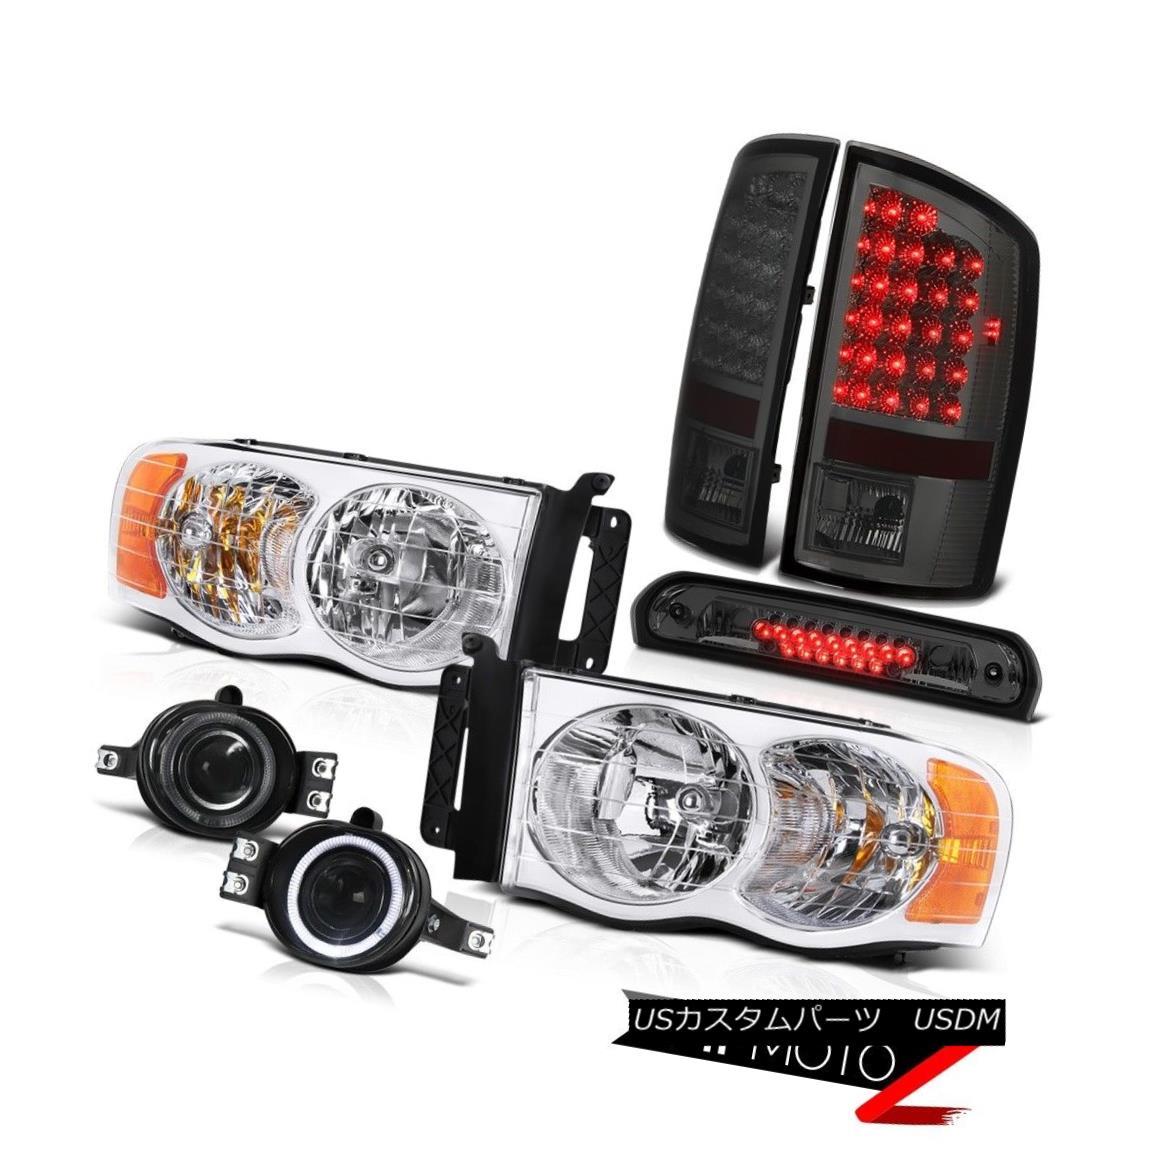 ヘッドライト 02-05 Ram 2500 Factory Style Headlights Smoke Taillights Glass Projector Fog 3rd 02-05 Ram 2500工場スタイルのヘッドライト煙の灯りガラスプロジェクターフォグ3rd